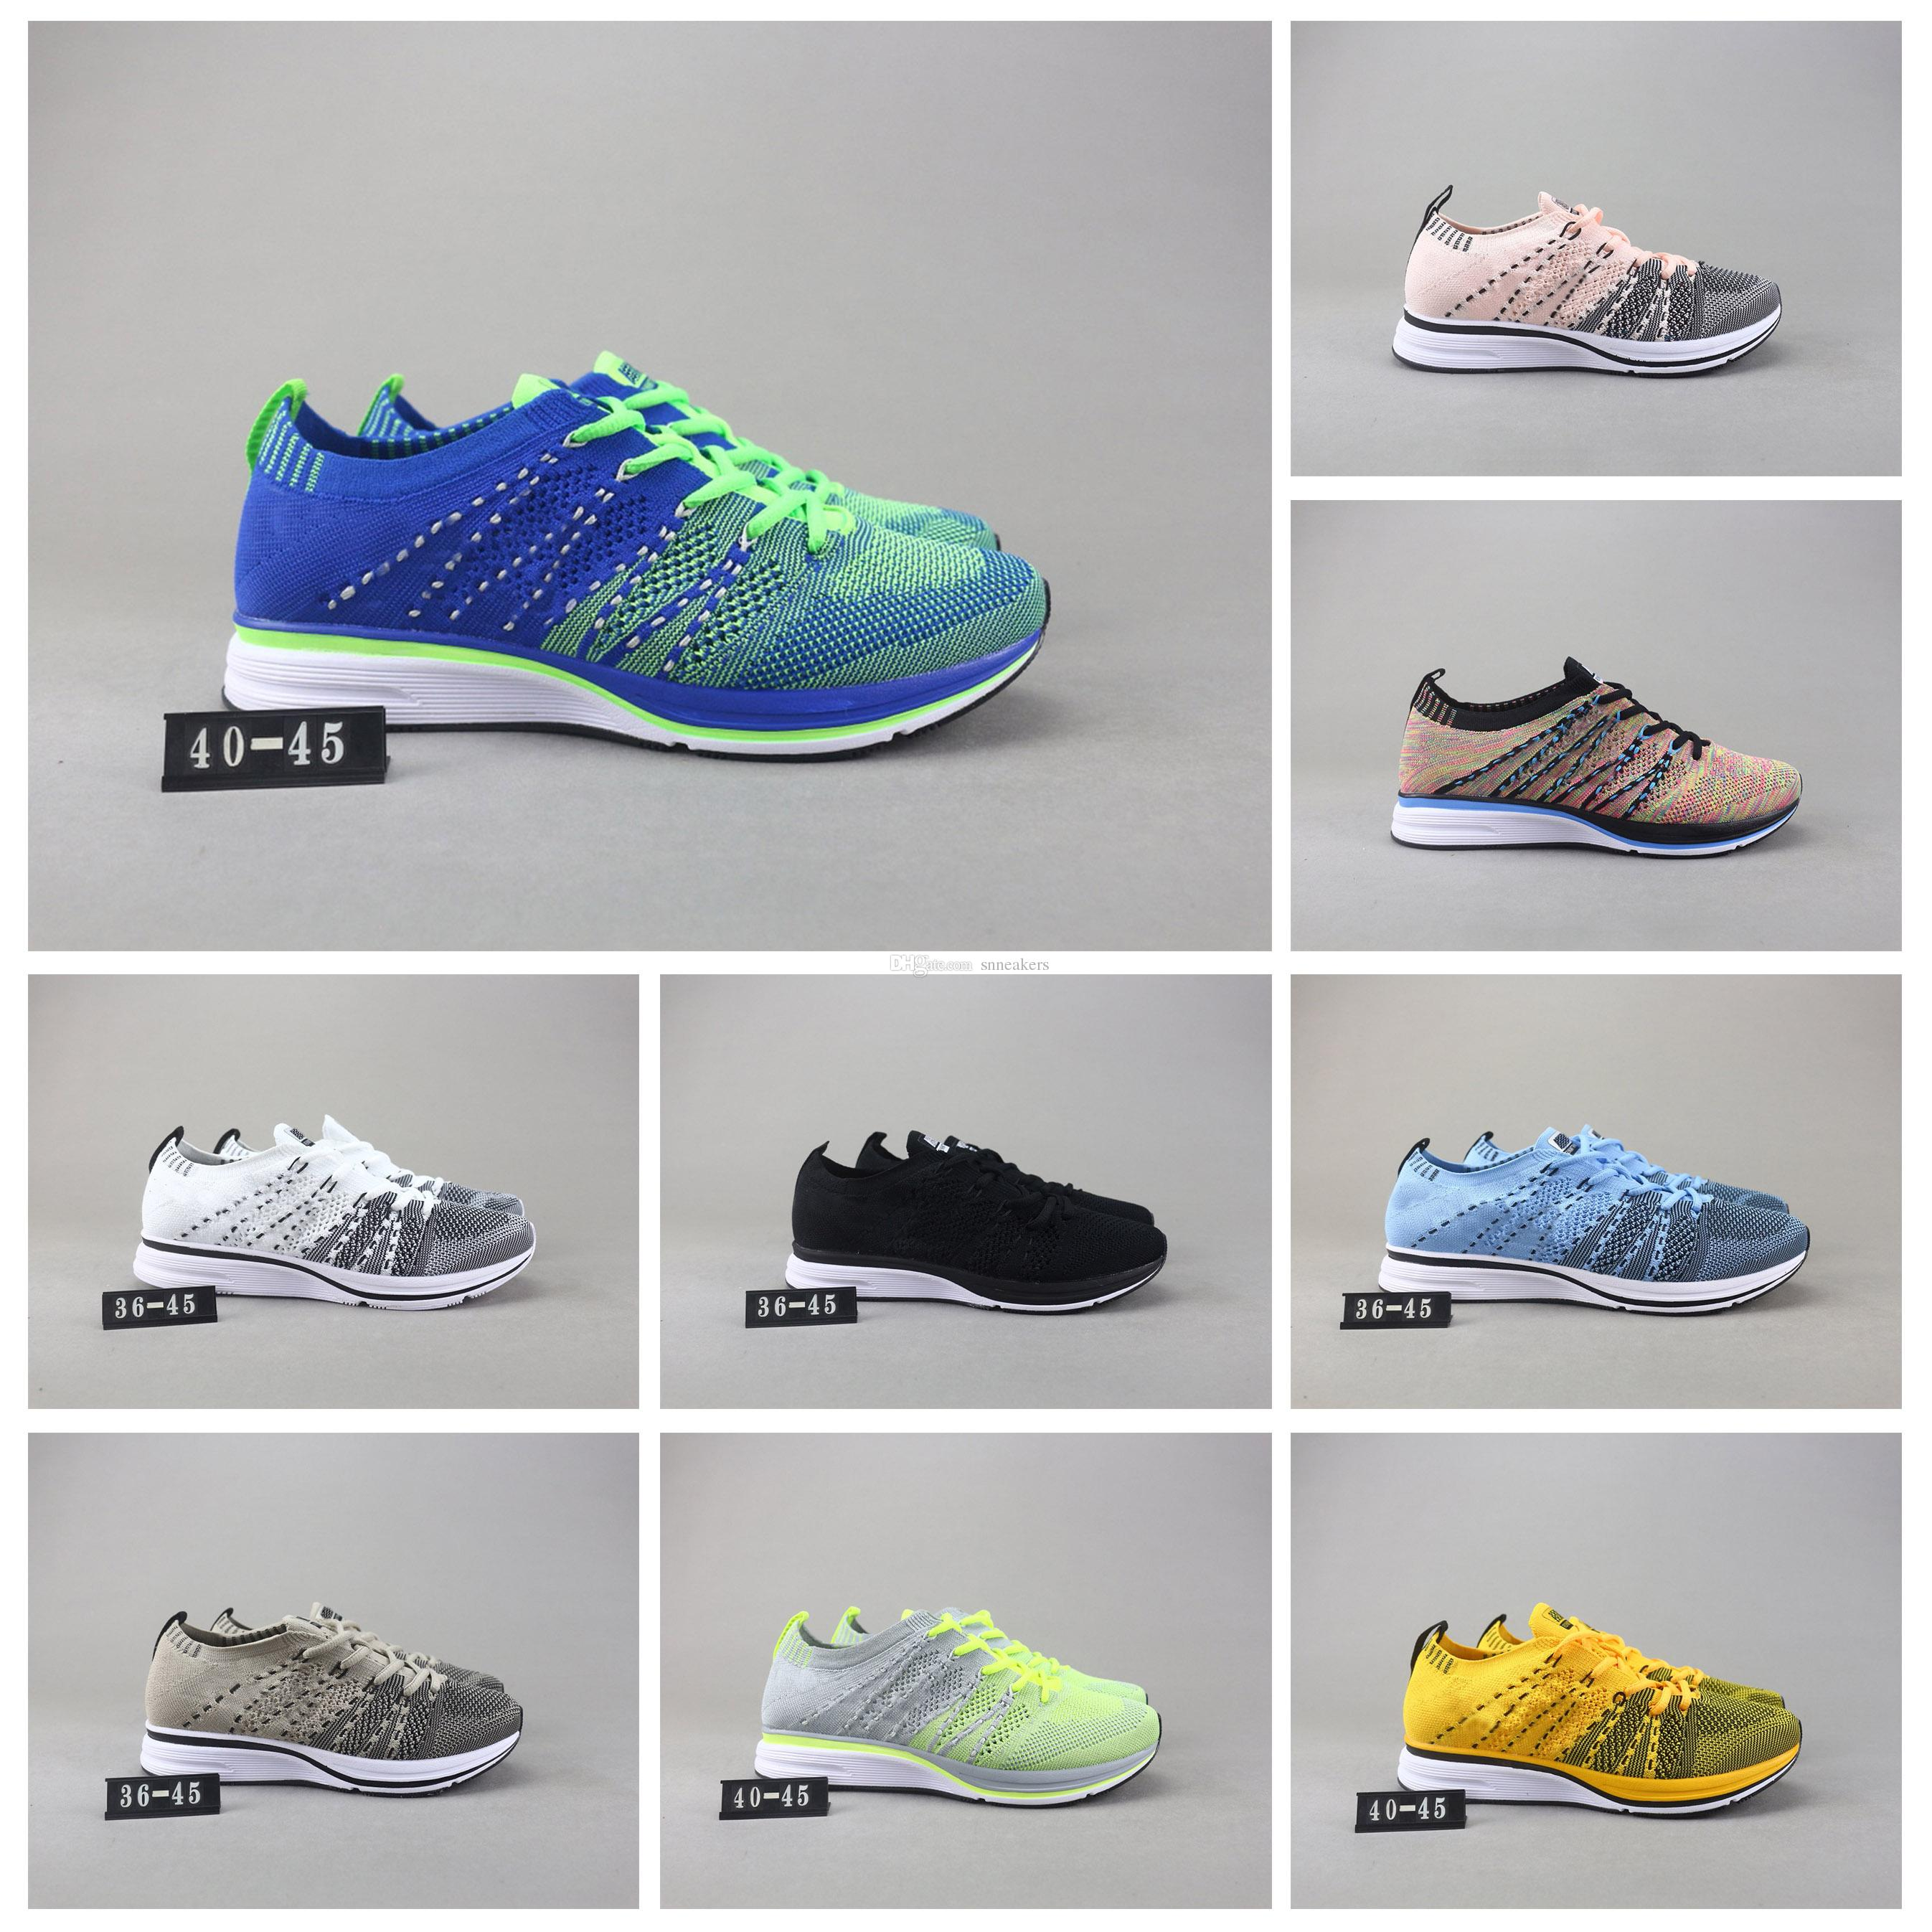 release date: 03a50 042fd Großhandel Nike Flyknit Trainer New Racer Schuhe Flywire Knit Racer 2.0  Trainer Sport Turnschuhe Damen Herren Schuhe BE TRUE Multicolor Oreo  Walking ...